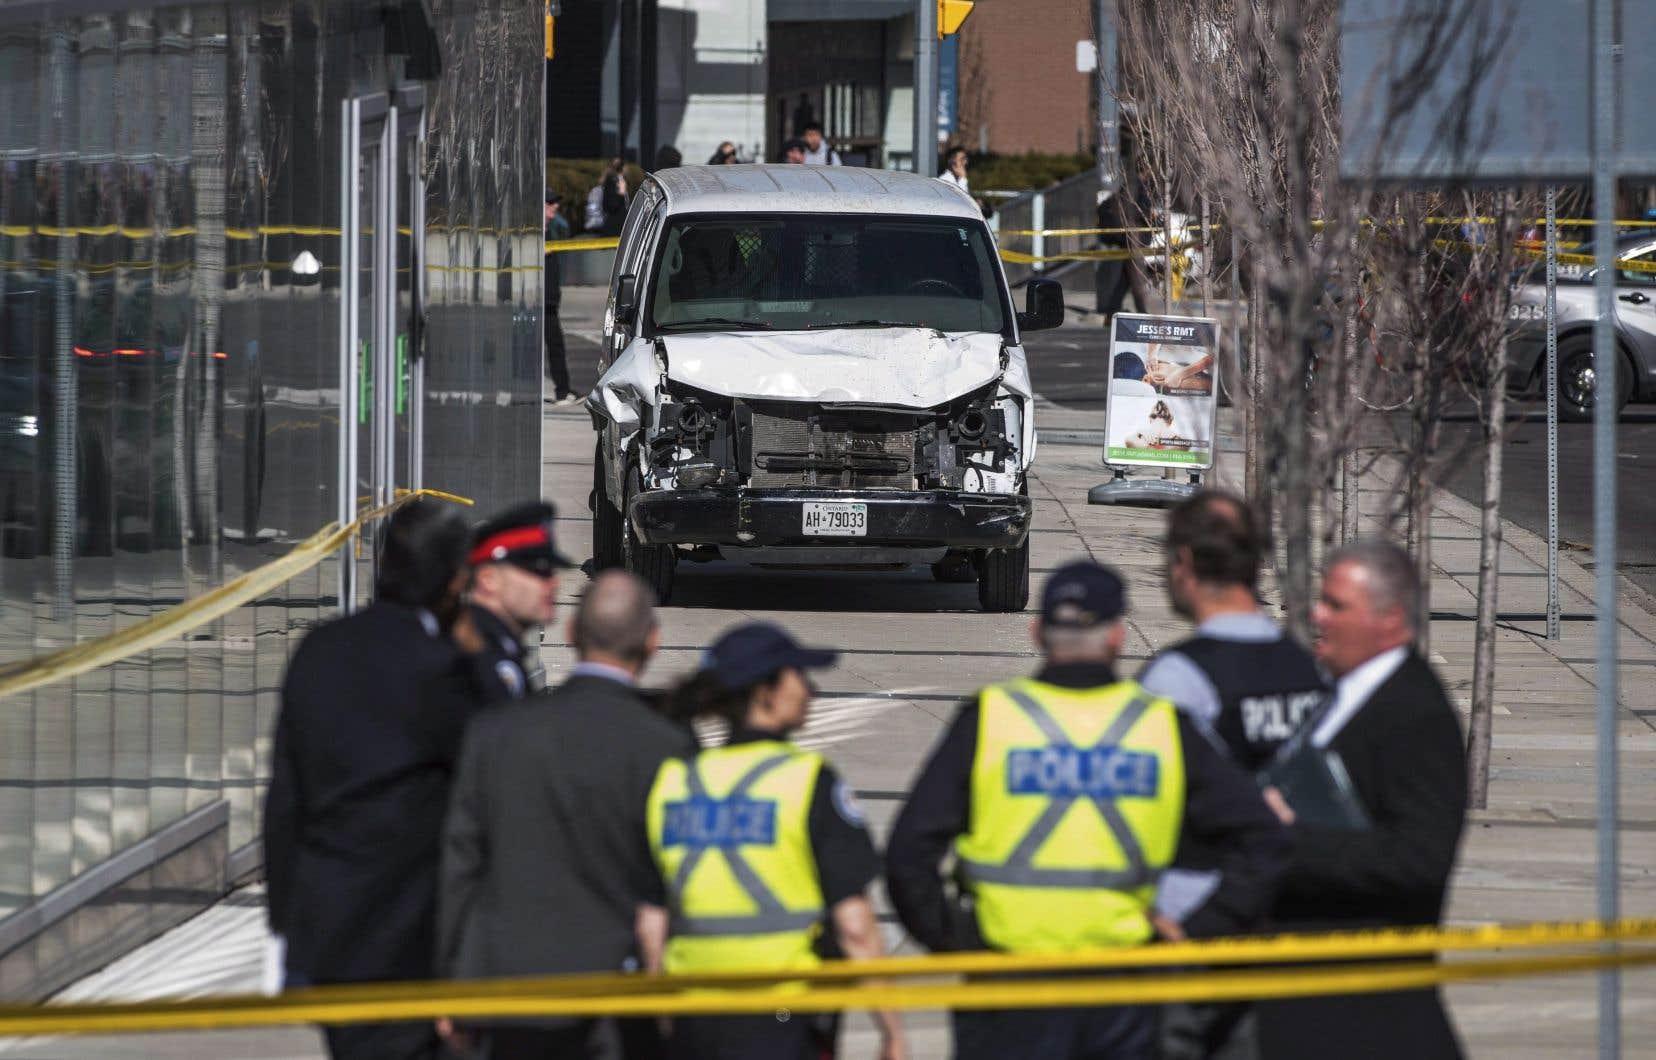 L'arrestation de M.Minassian à côté de la fourgonnette qu'il conduisait a été diffusée à la télévision tout juste après l'événement et a été vue par des milliers de personnes.